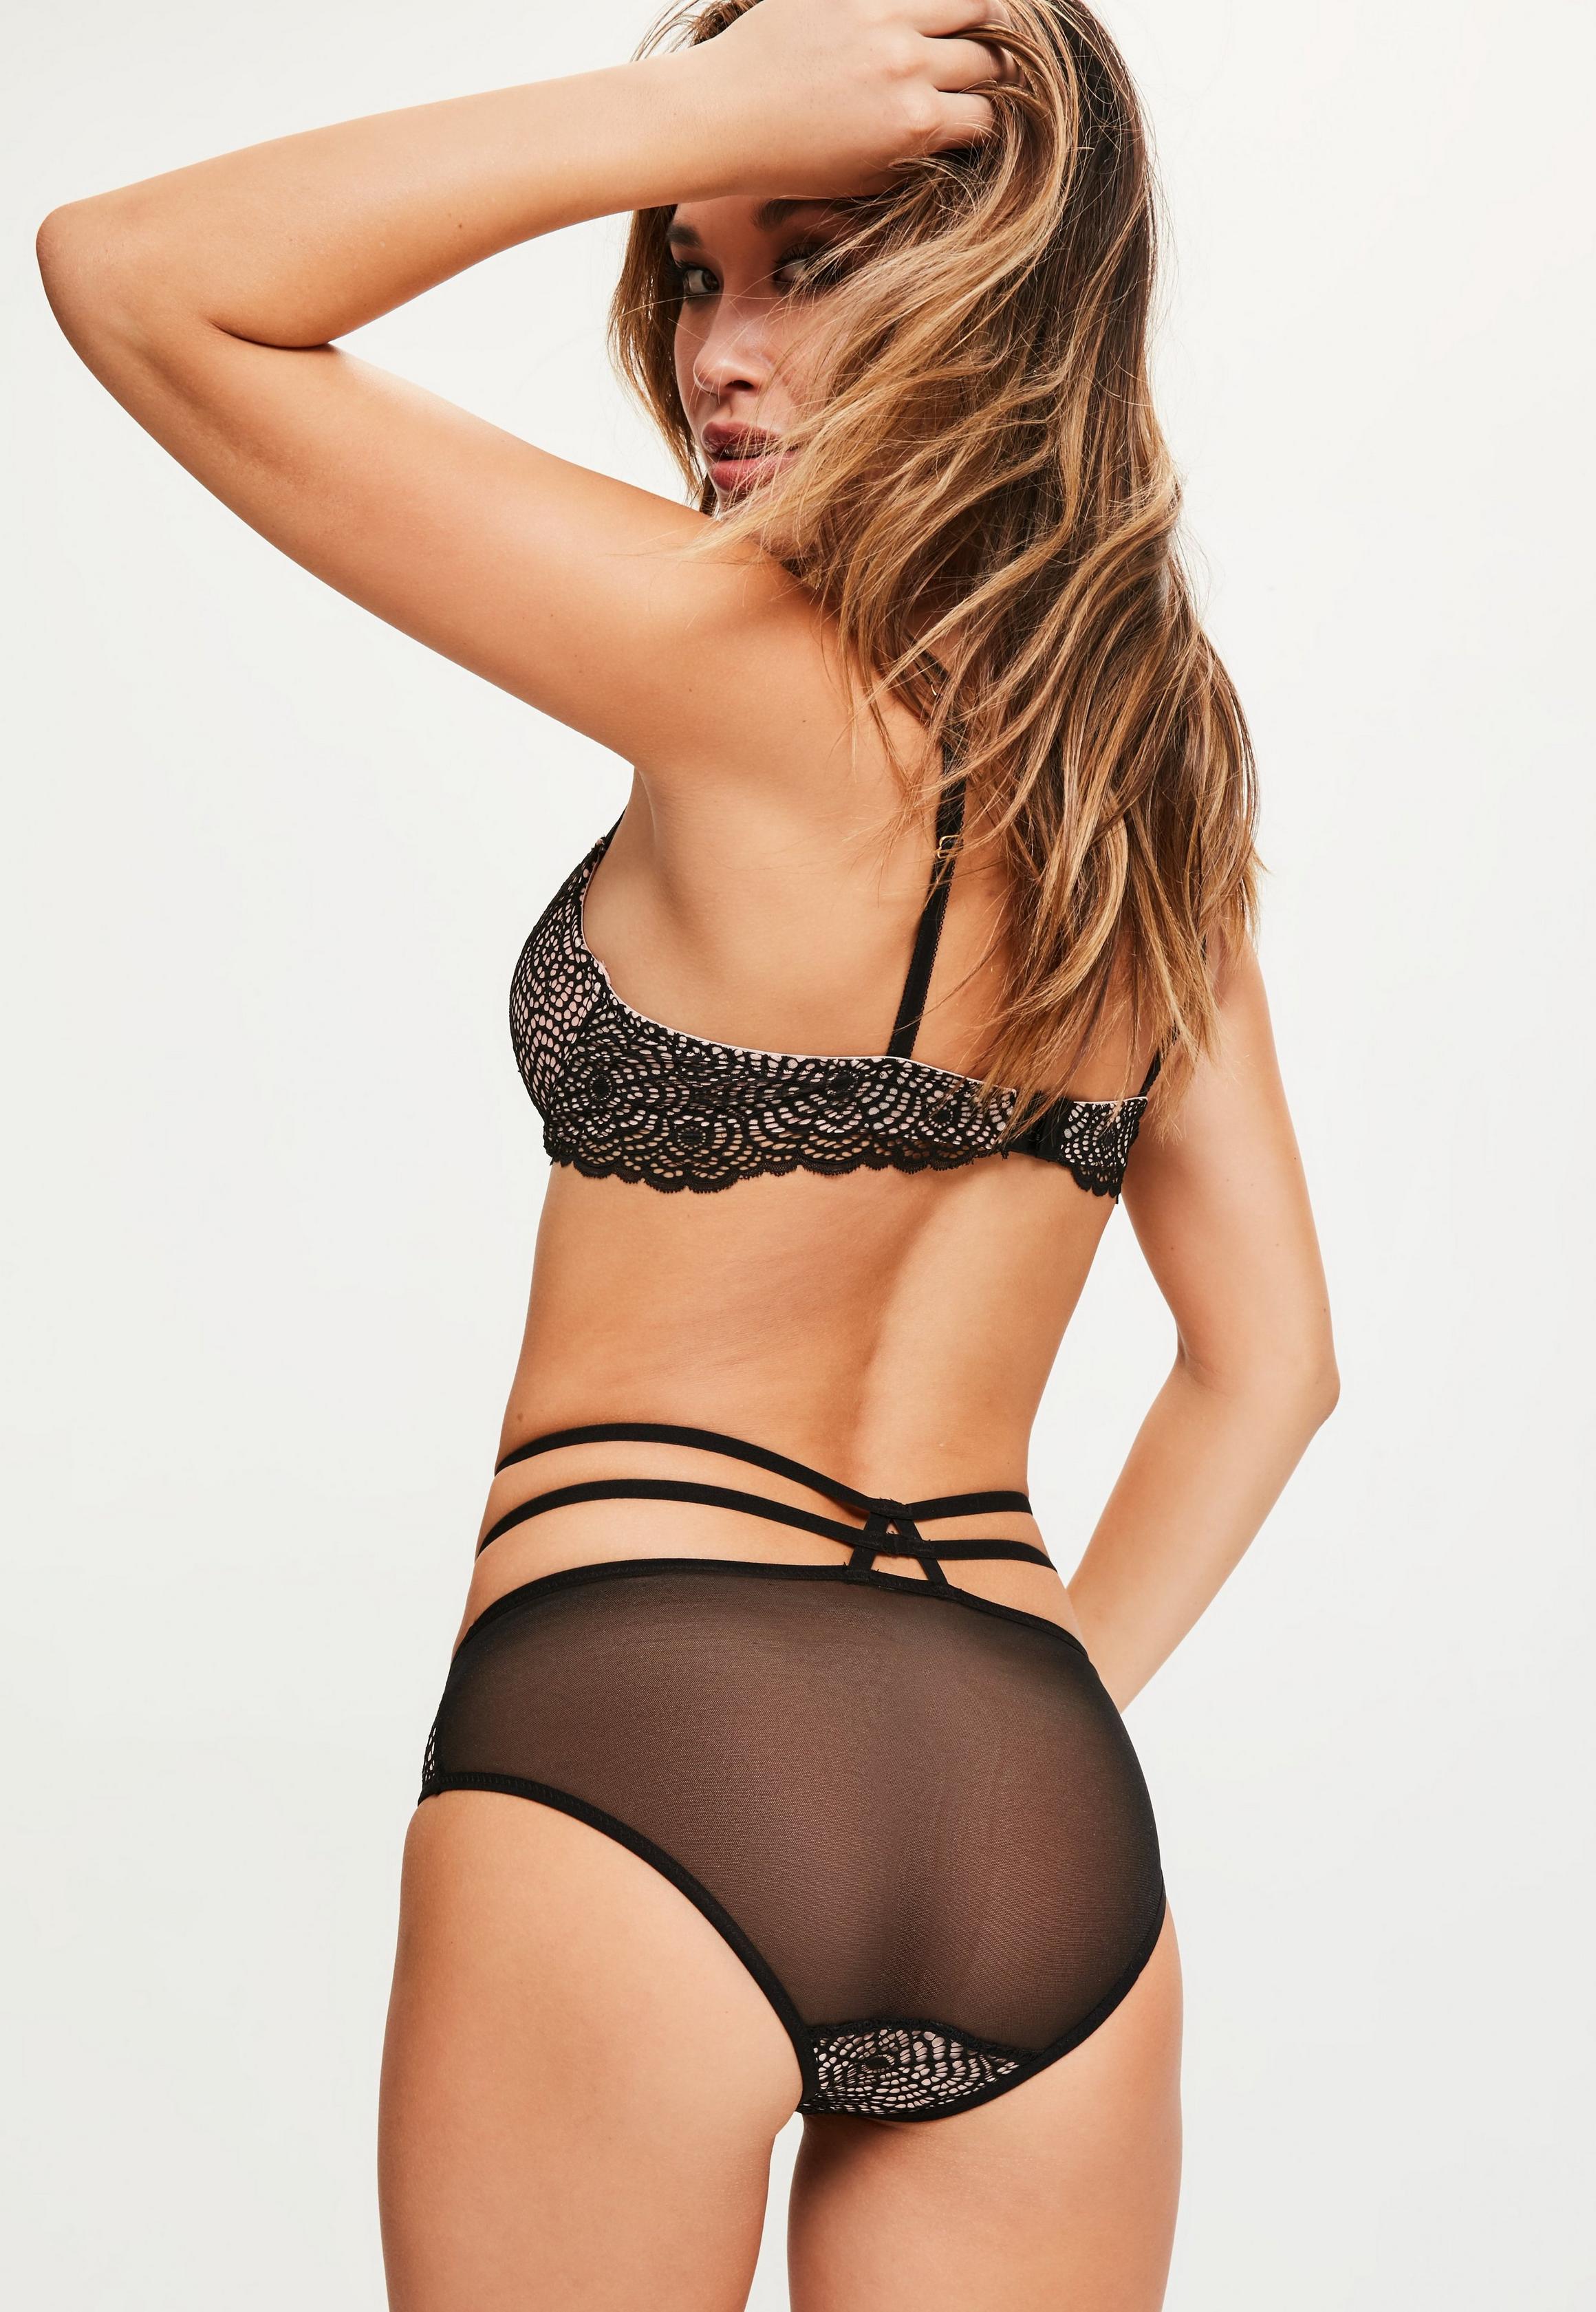 Missguided - Culotte noire effet dentelle doublure contraste - 3